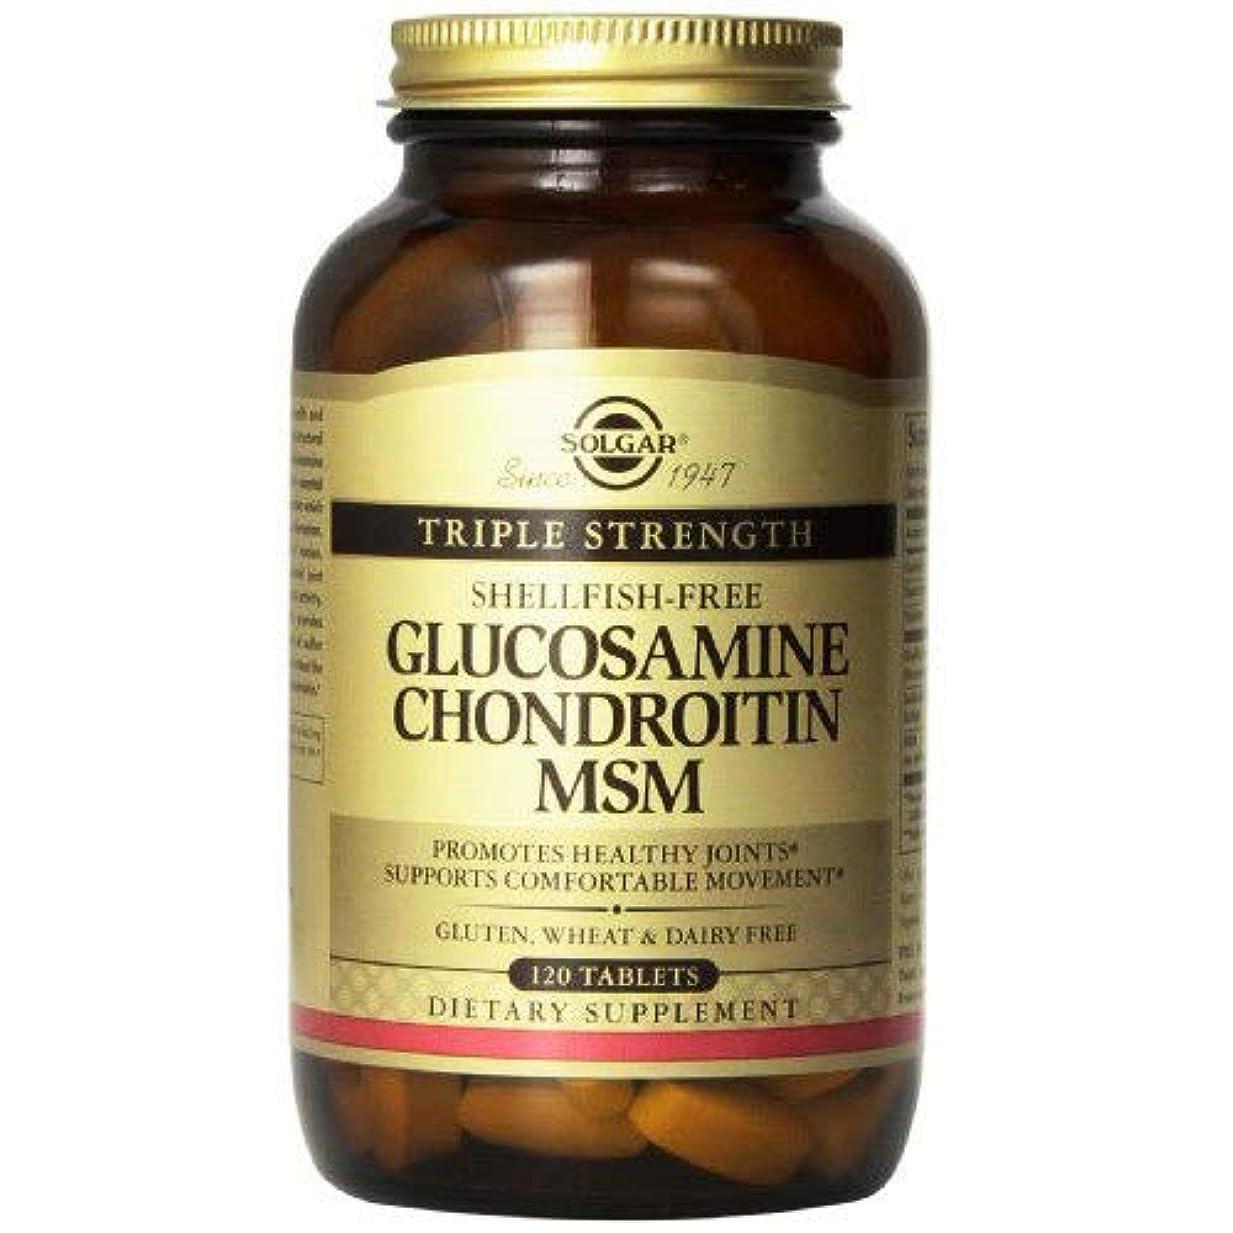 破裂果てしない雑種海外直送品Solgar Triple Strength Glucosamine Chondroitin MSM (Shellfish-Free) Tablets, Shellfish-Free 120 Tabs